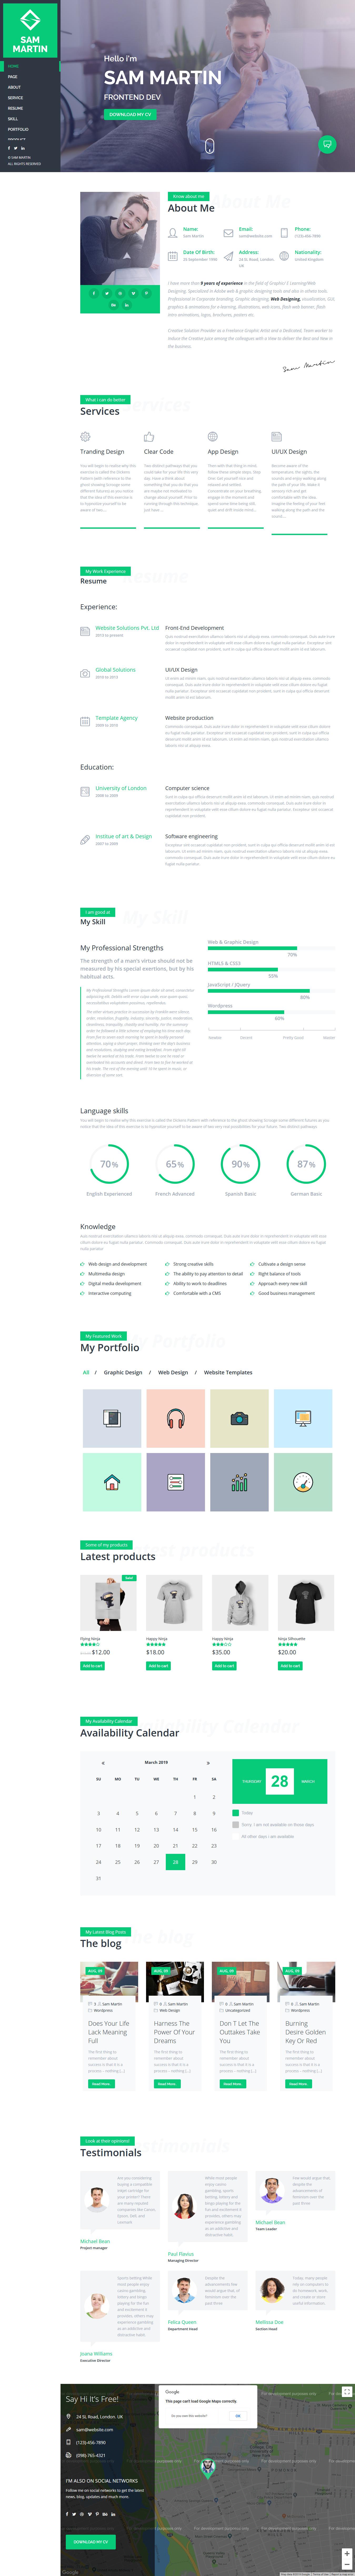 Sam Martin - Best Premium Resume WordPress Theme